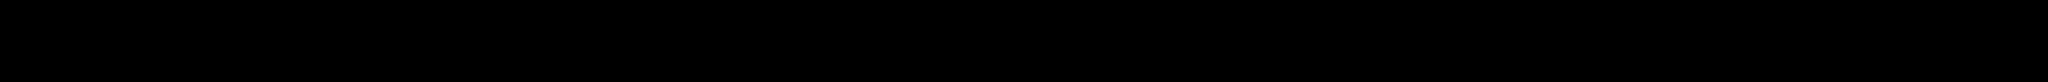 HELLA 0233304-5, 18-ZZ0233304-5, E400148, X825 107 045 000, 3981604 Żarówka, reflektor dalekosiężny